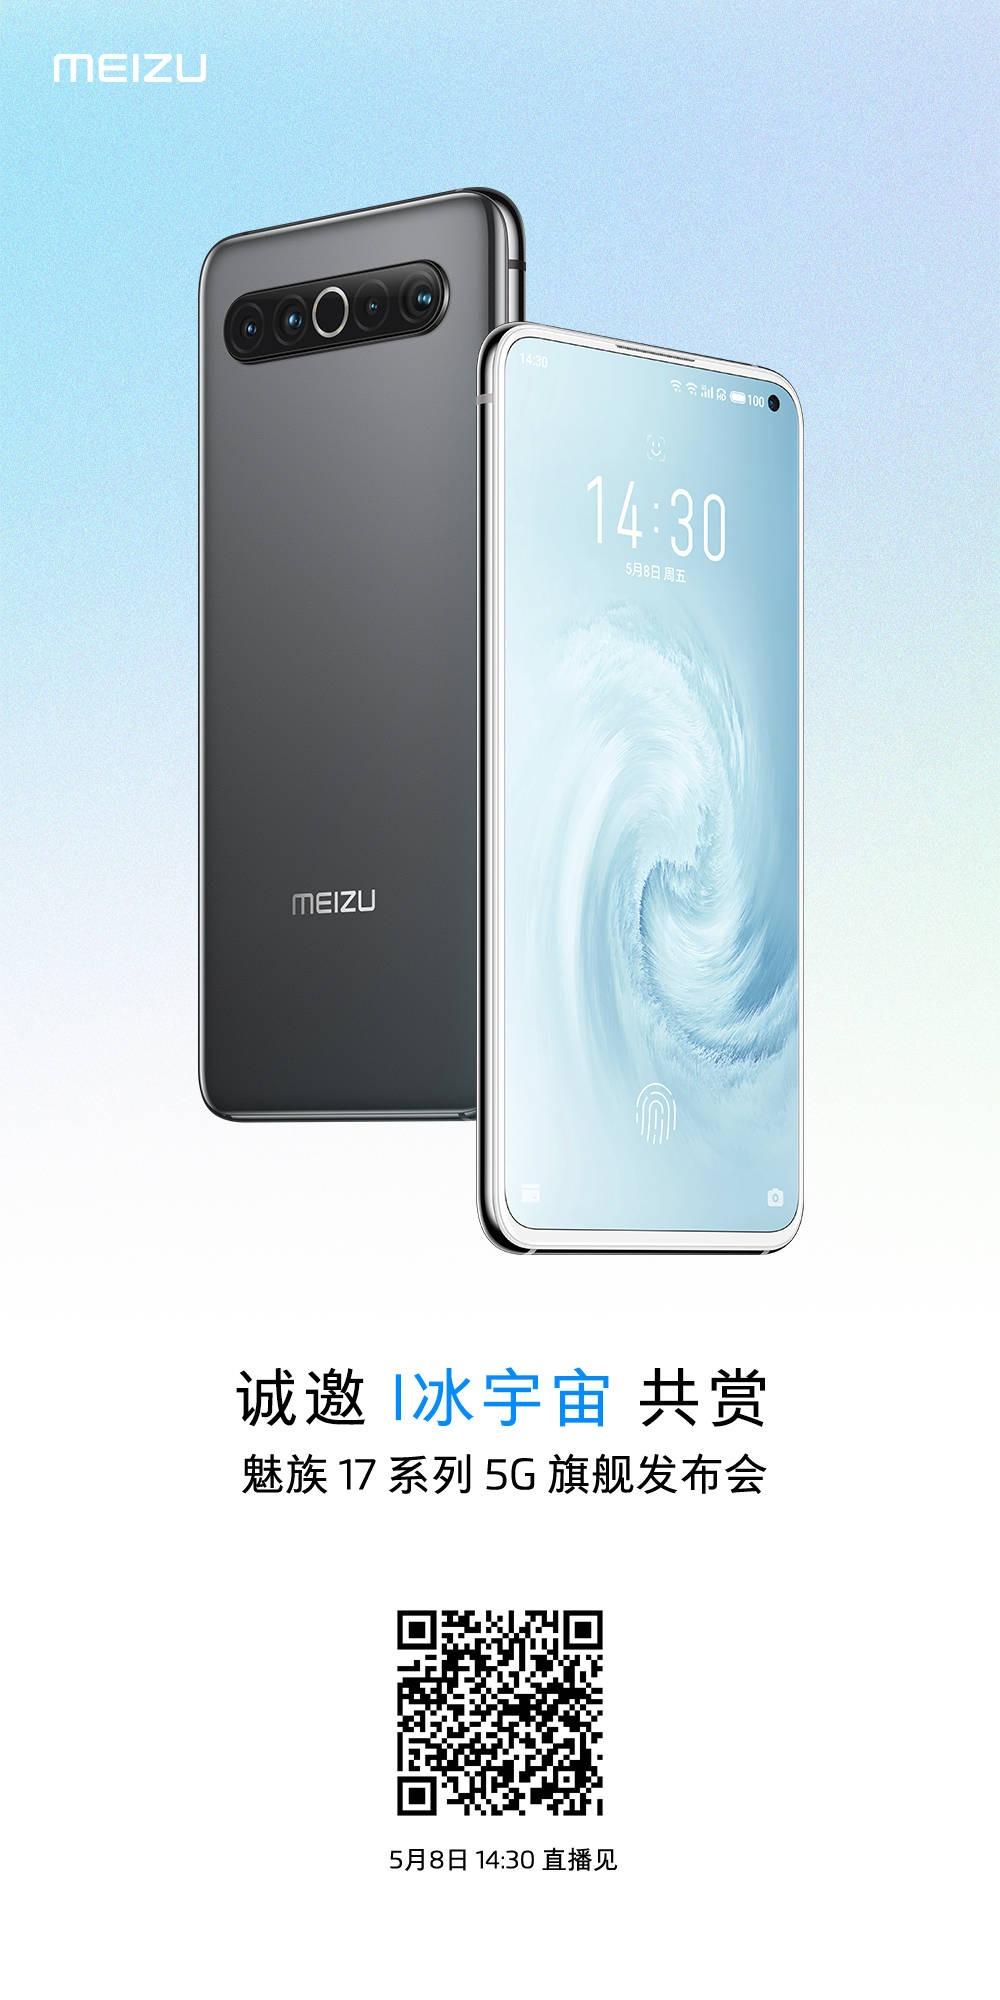 Meizu 17 anuncio